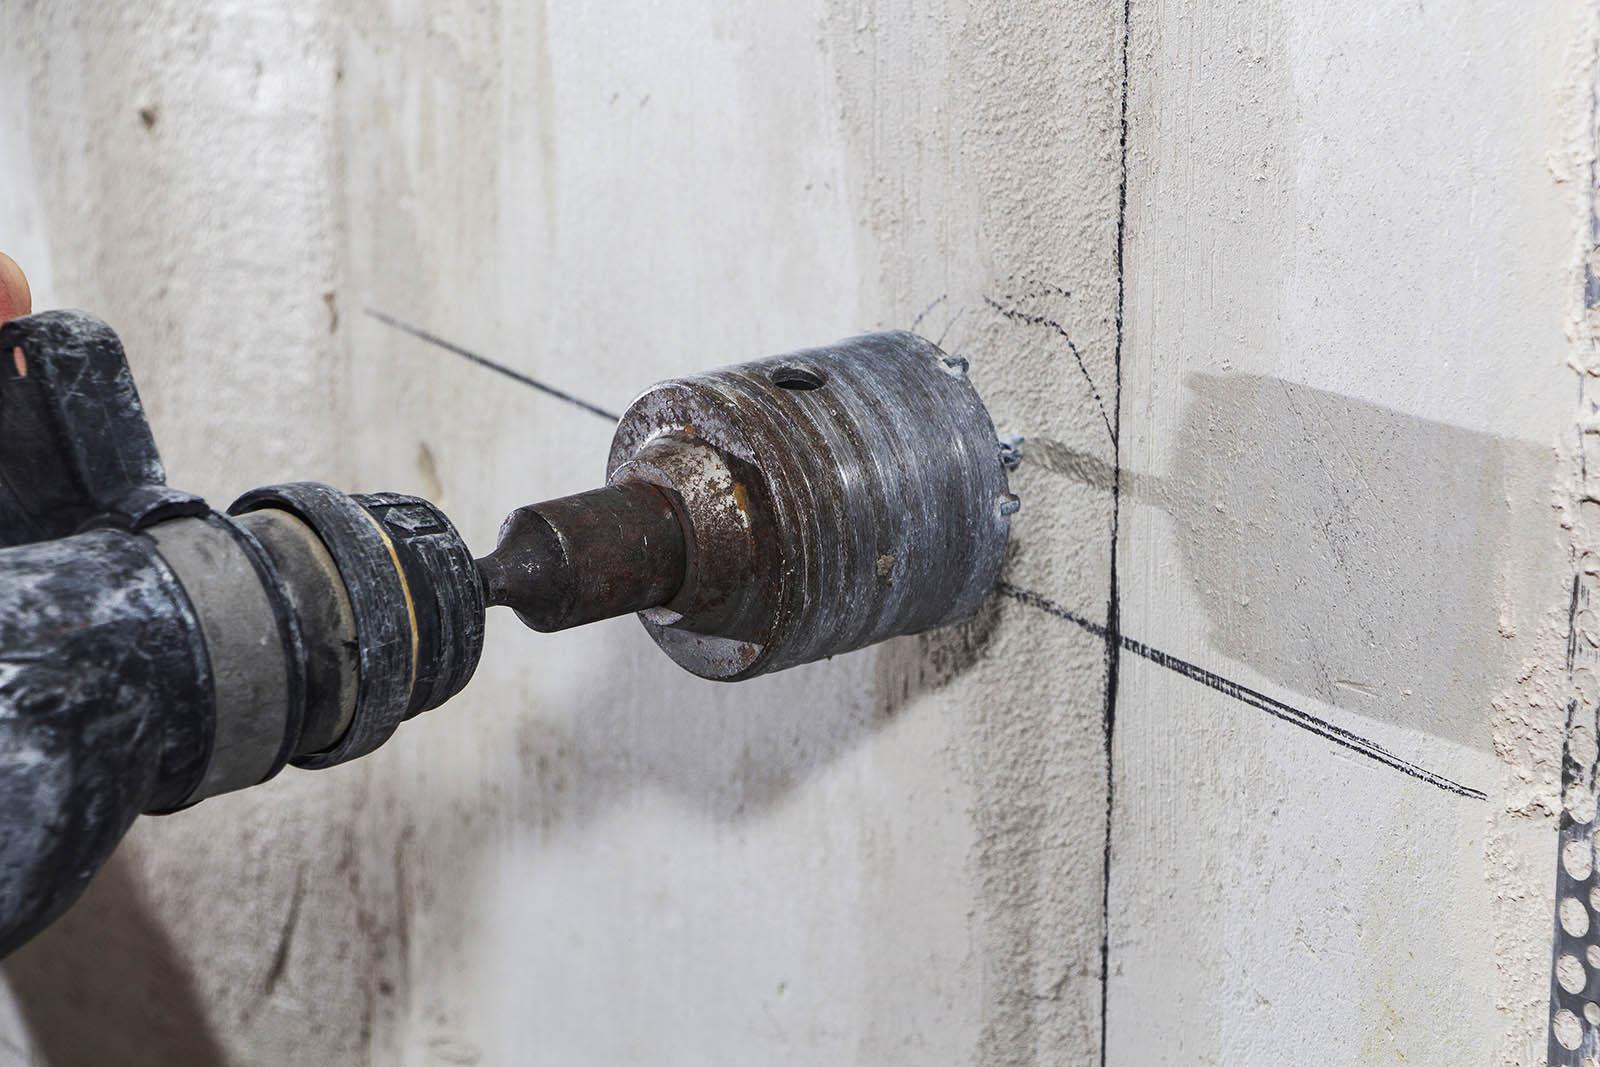 Vi utför både mer och mindre omfattande arbeten inom betonghåltagning, oavsett ändamål. Självklart använder vi oss av moderna maskiner för att säkerställa bästa möjliga resultat.